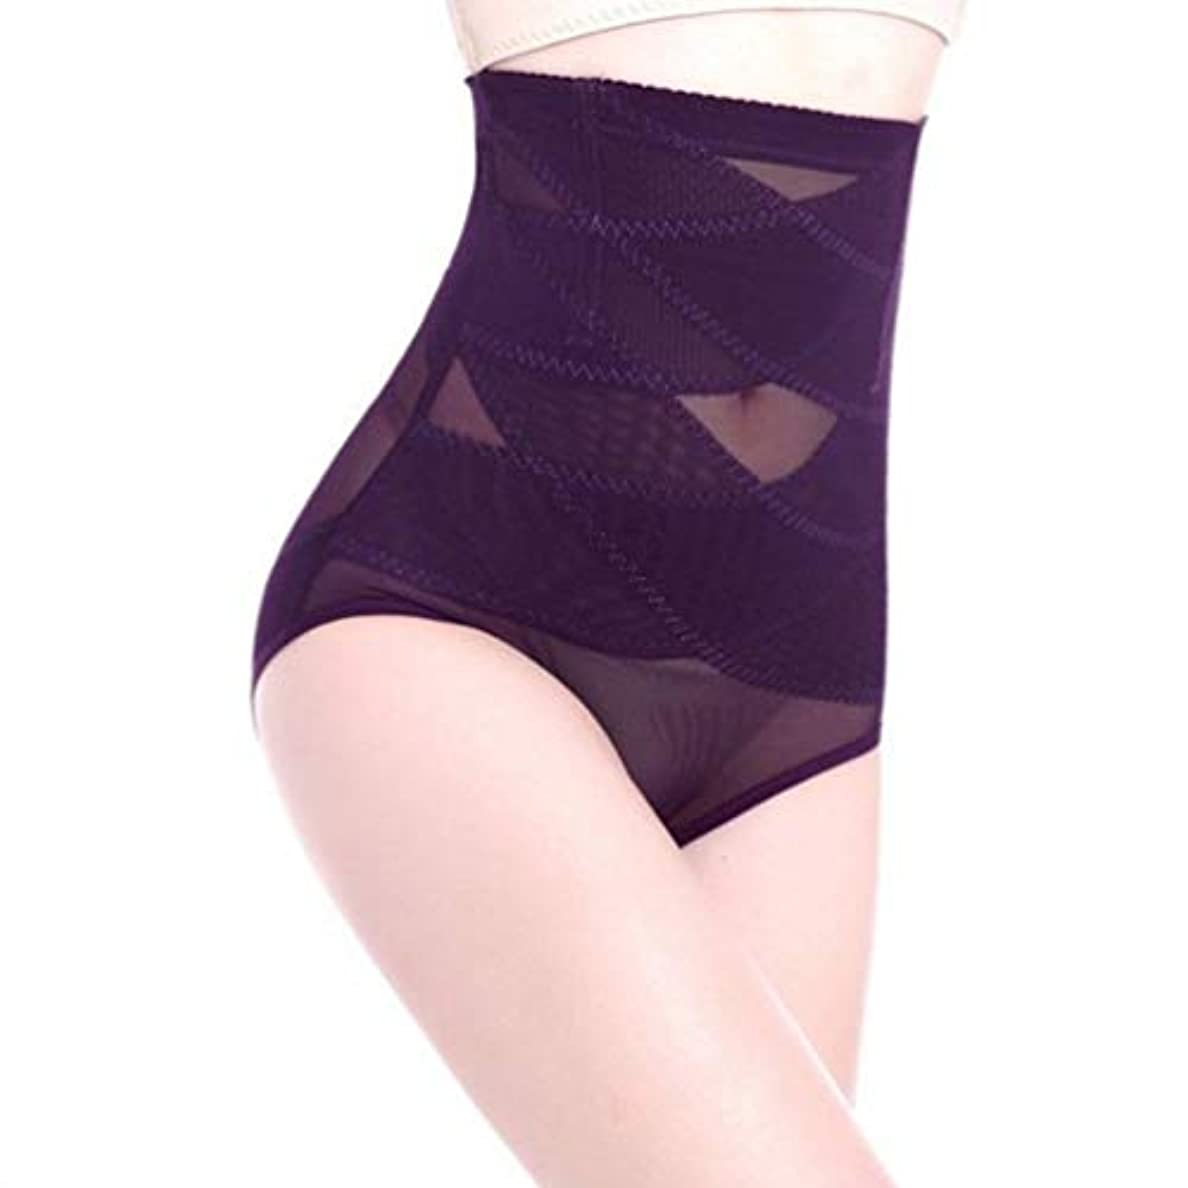 霜クレデンシャル熟達した通気性のあるハイウエスト女性痩身腹部コントロール下着シームレスおなかコントロールパンティーバットリフターボディシェイパー - パープル3 XL